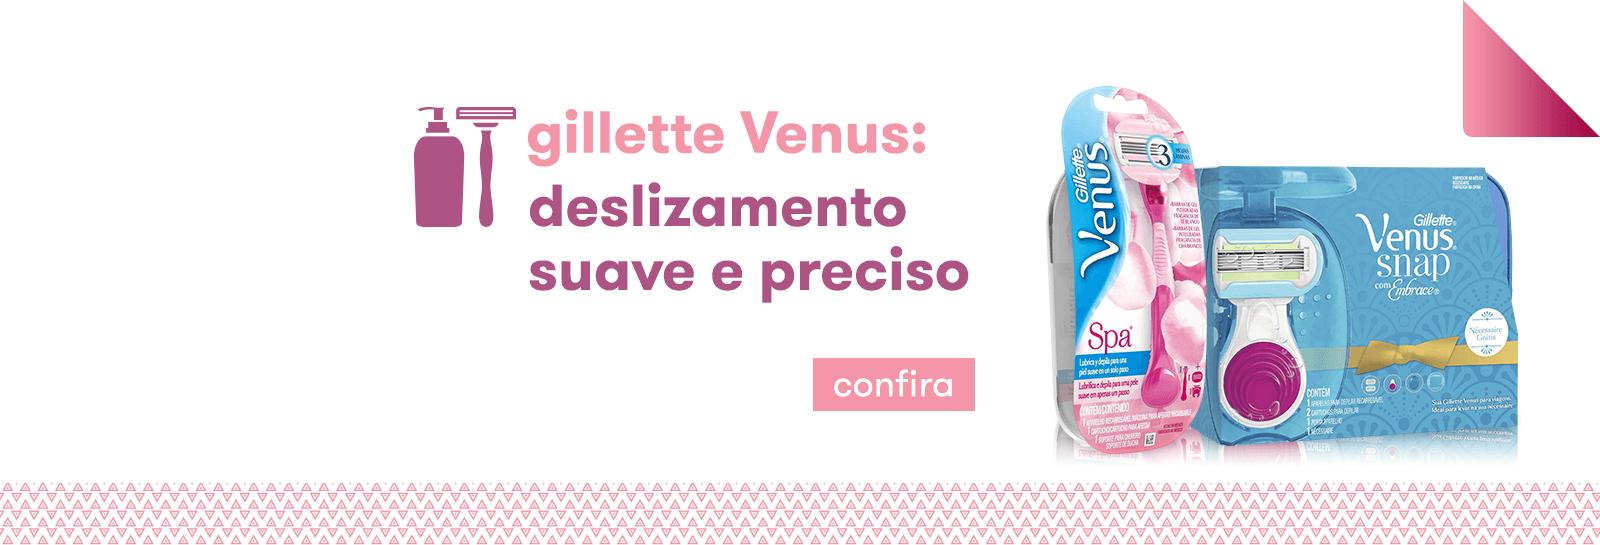 Gillete Venus